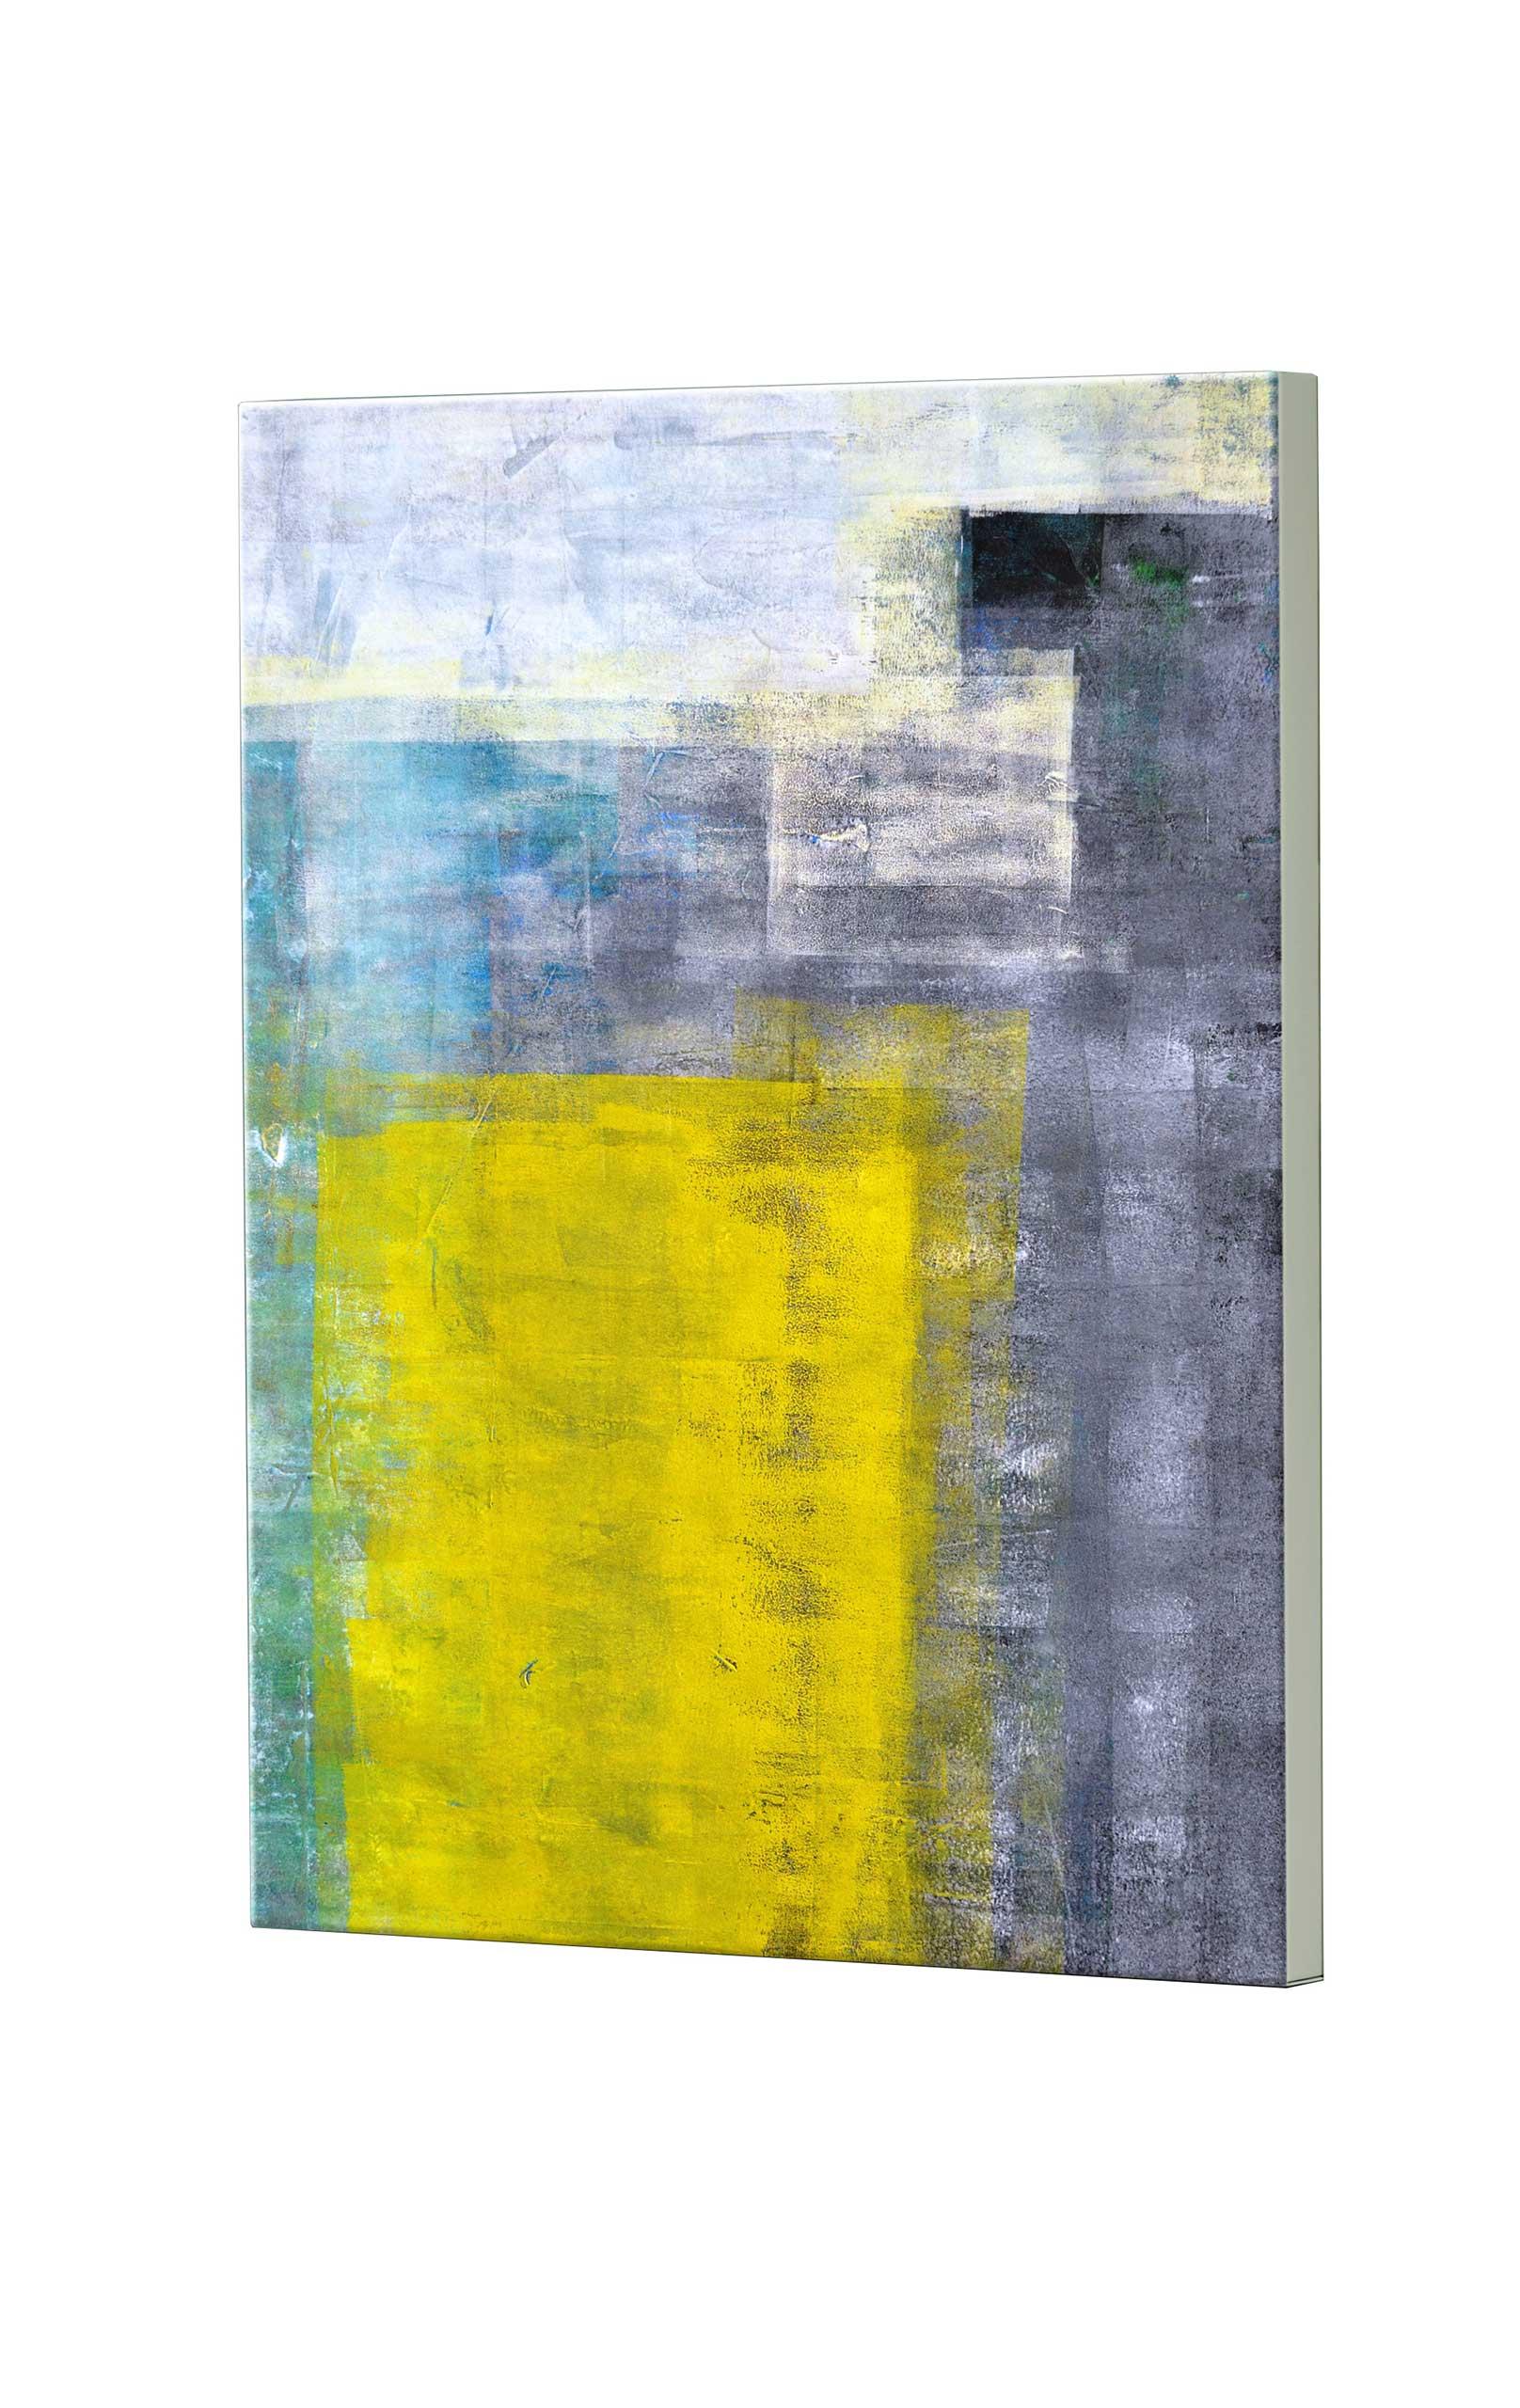 Magnettafel NOTIZ 60x80cm Motiv Abstrakt Kunst MDH168 Motiv-Pinnwand